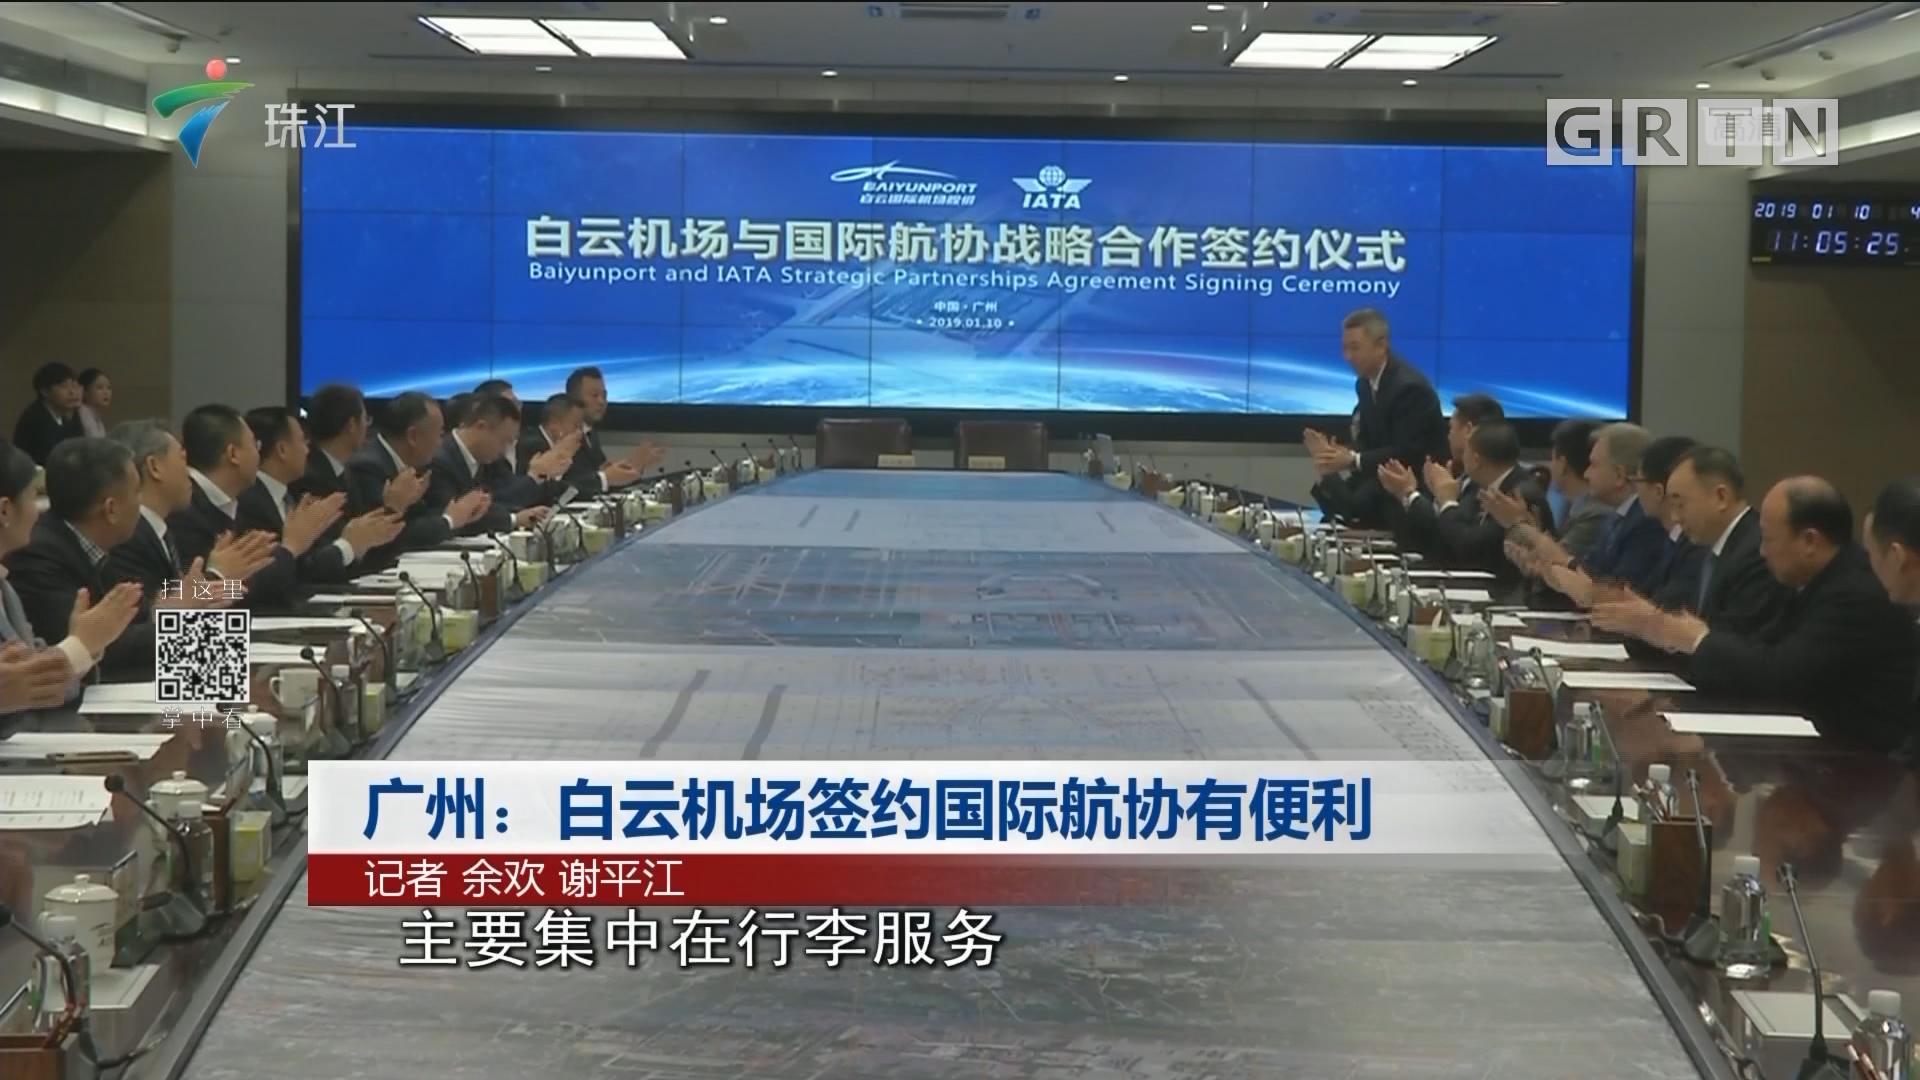 广州:白云机场签约国际航协有便利